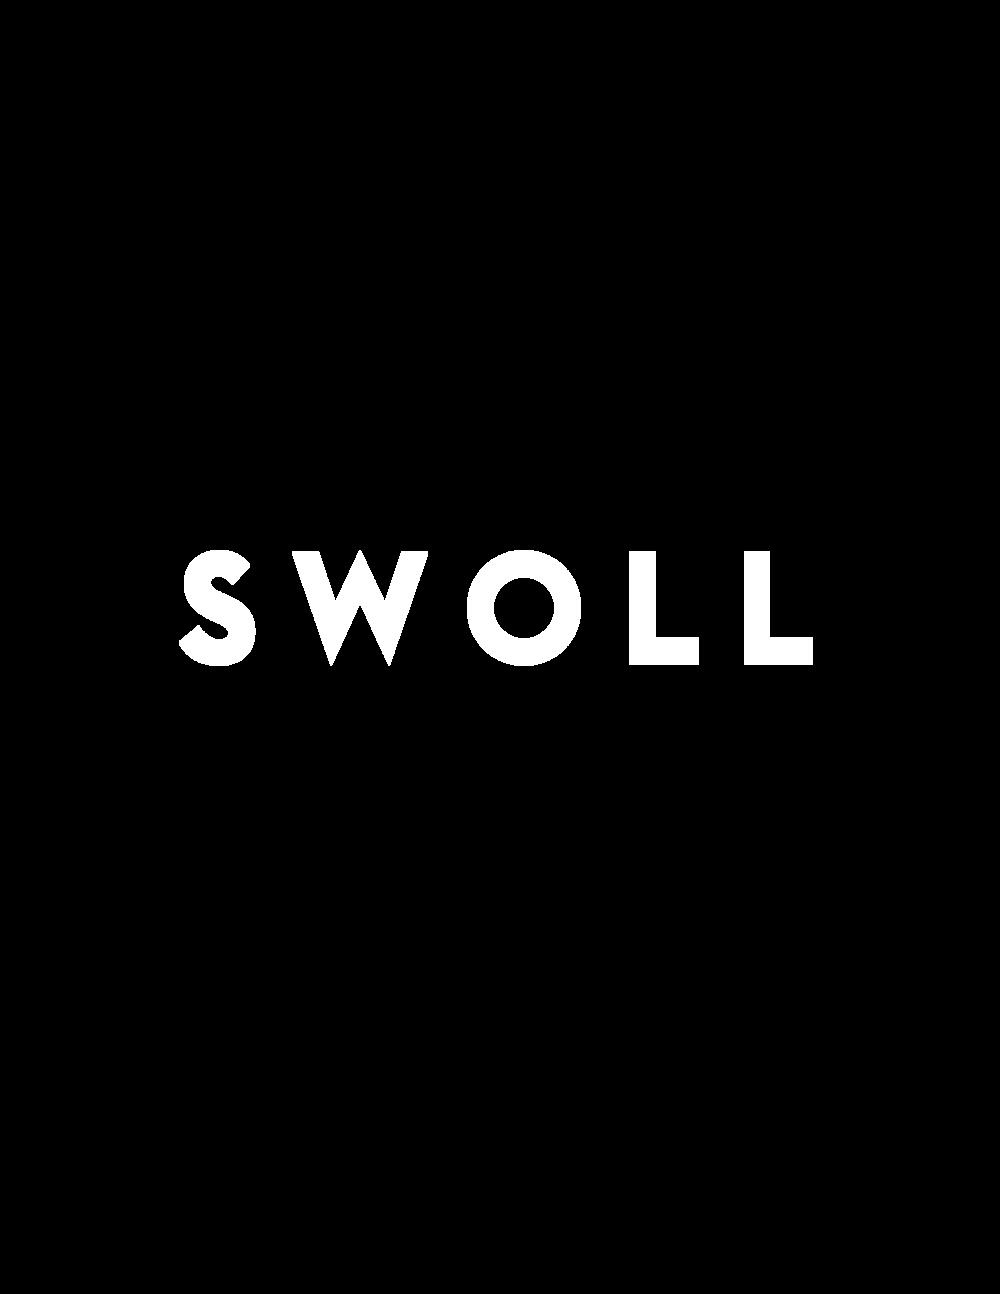 swolllogo-01.png